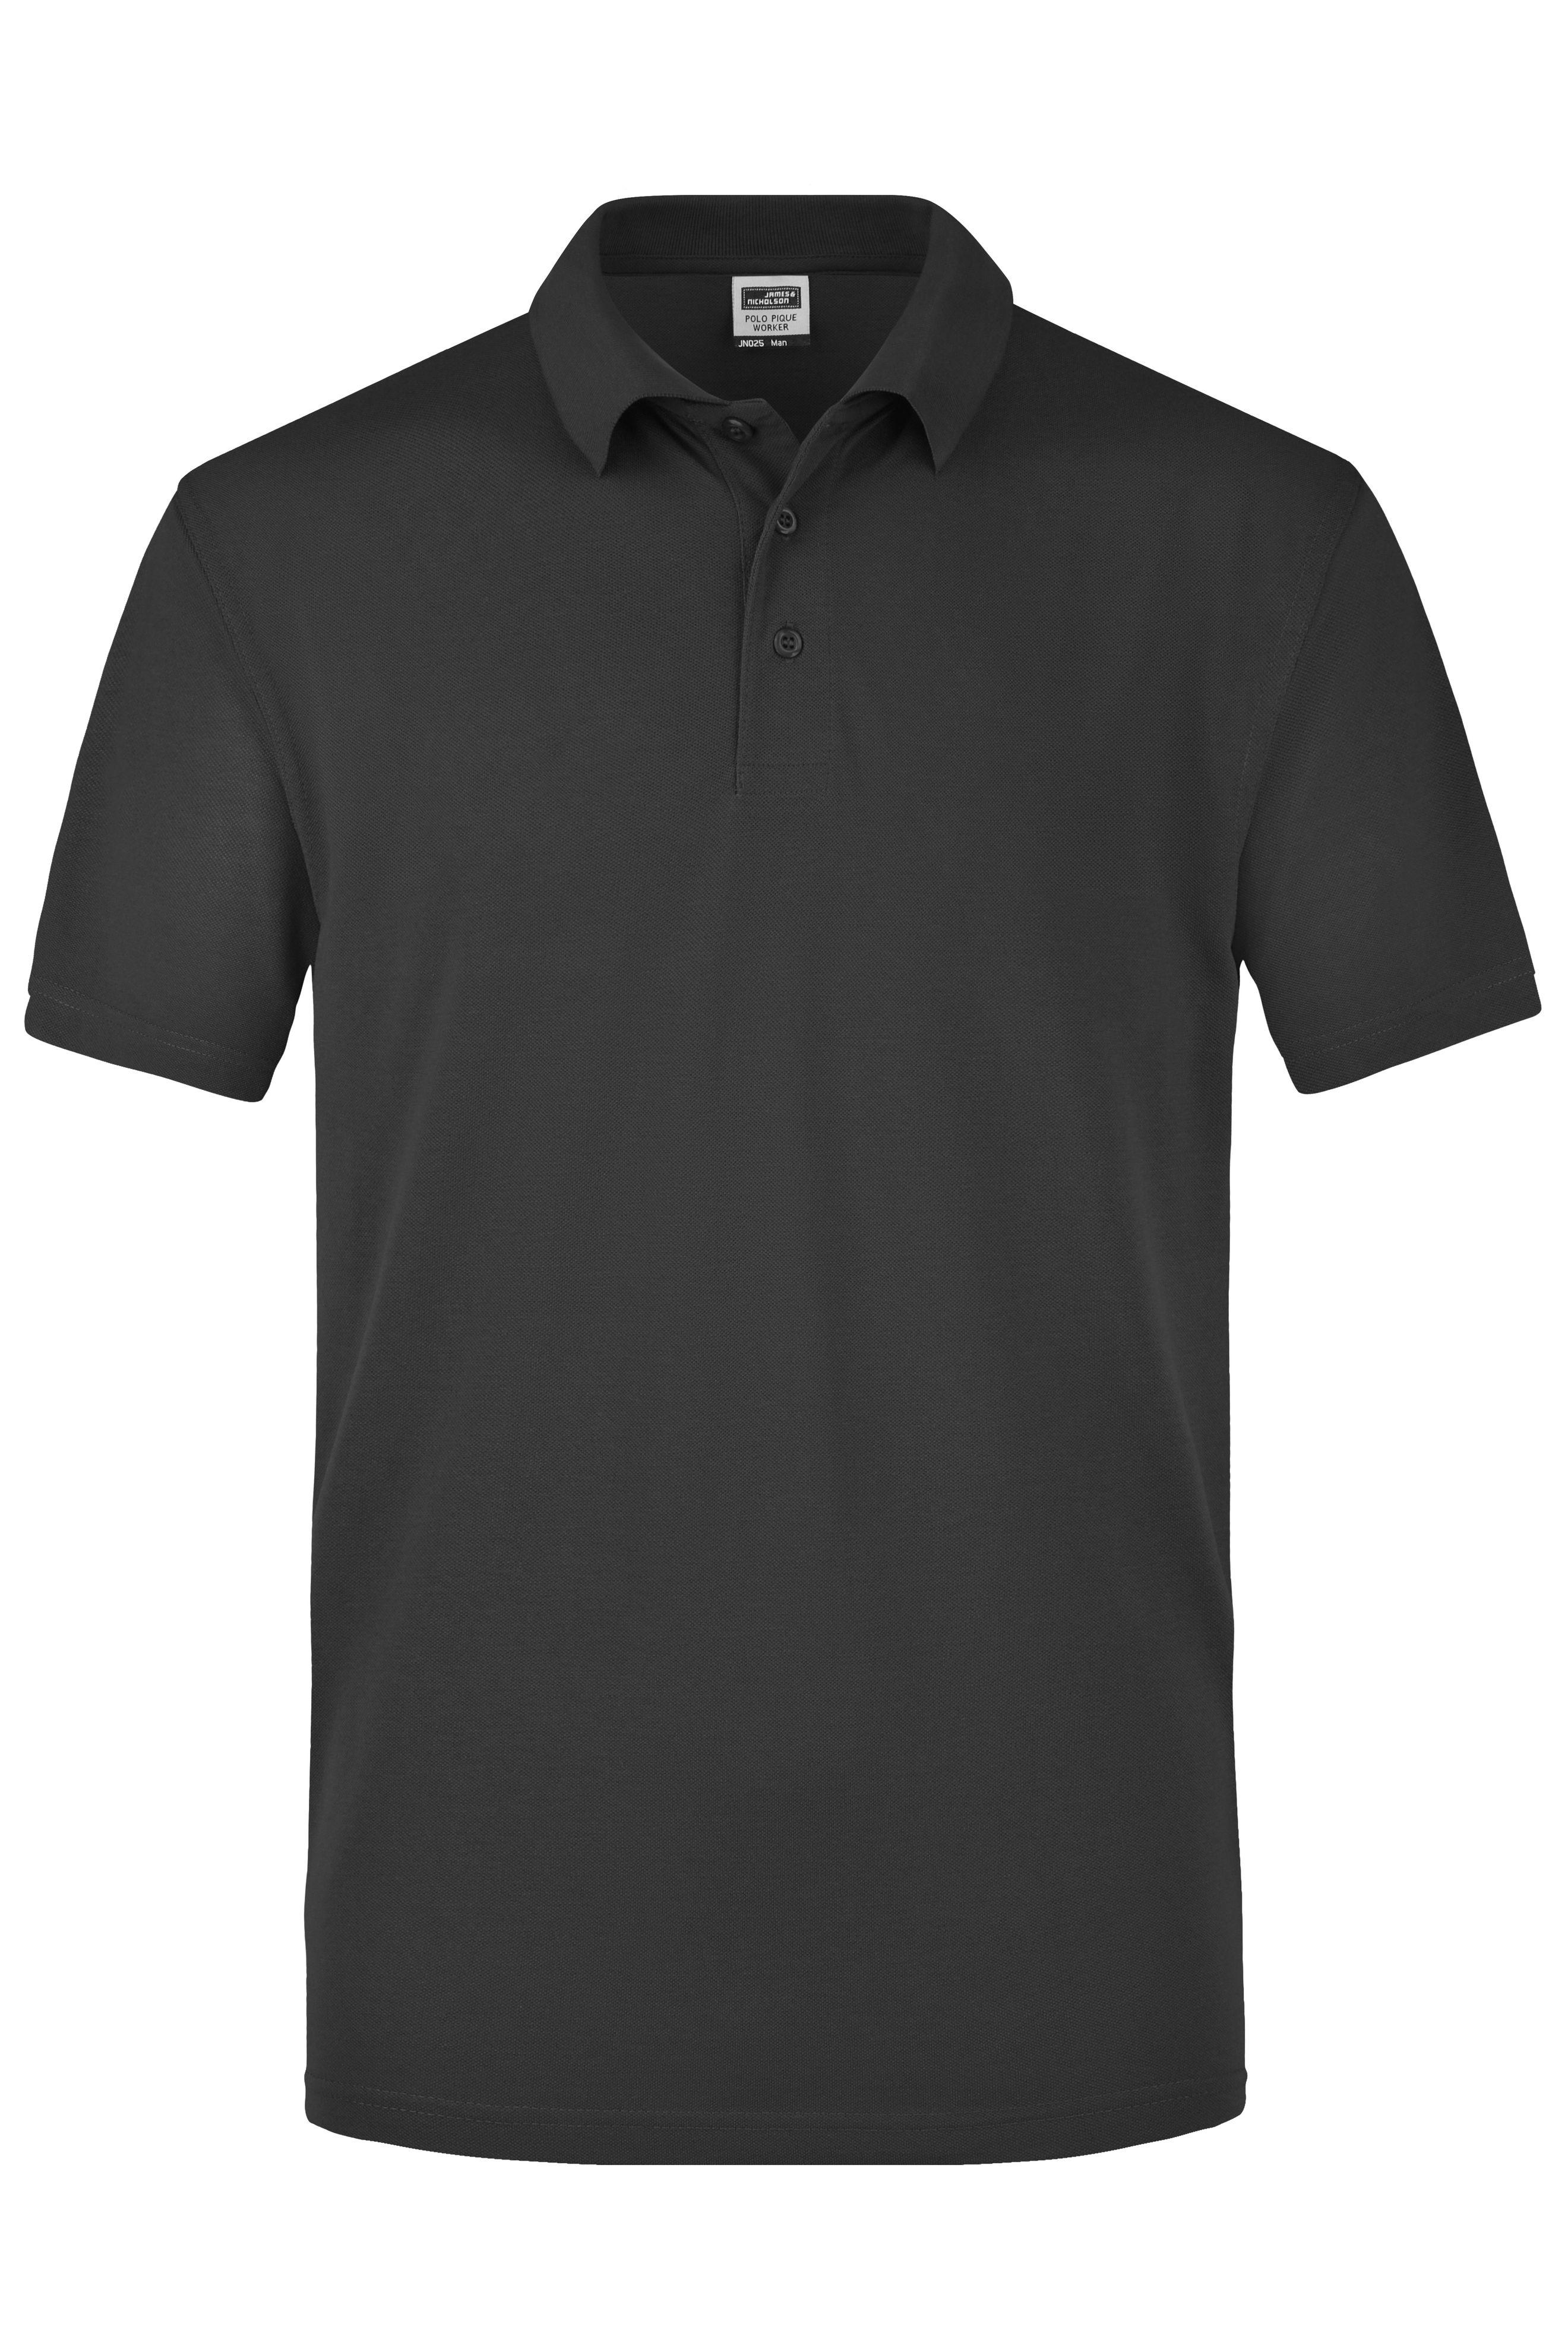 Strapazierfähiges und pflegeleichtes Piqué-Polohemd für Freizeit und Beruf